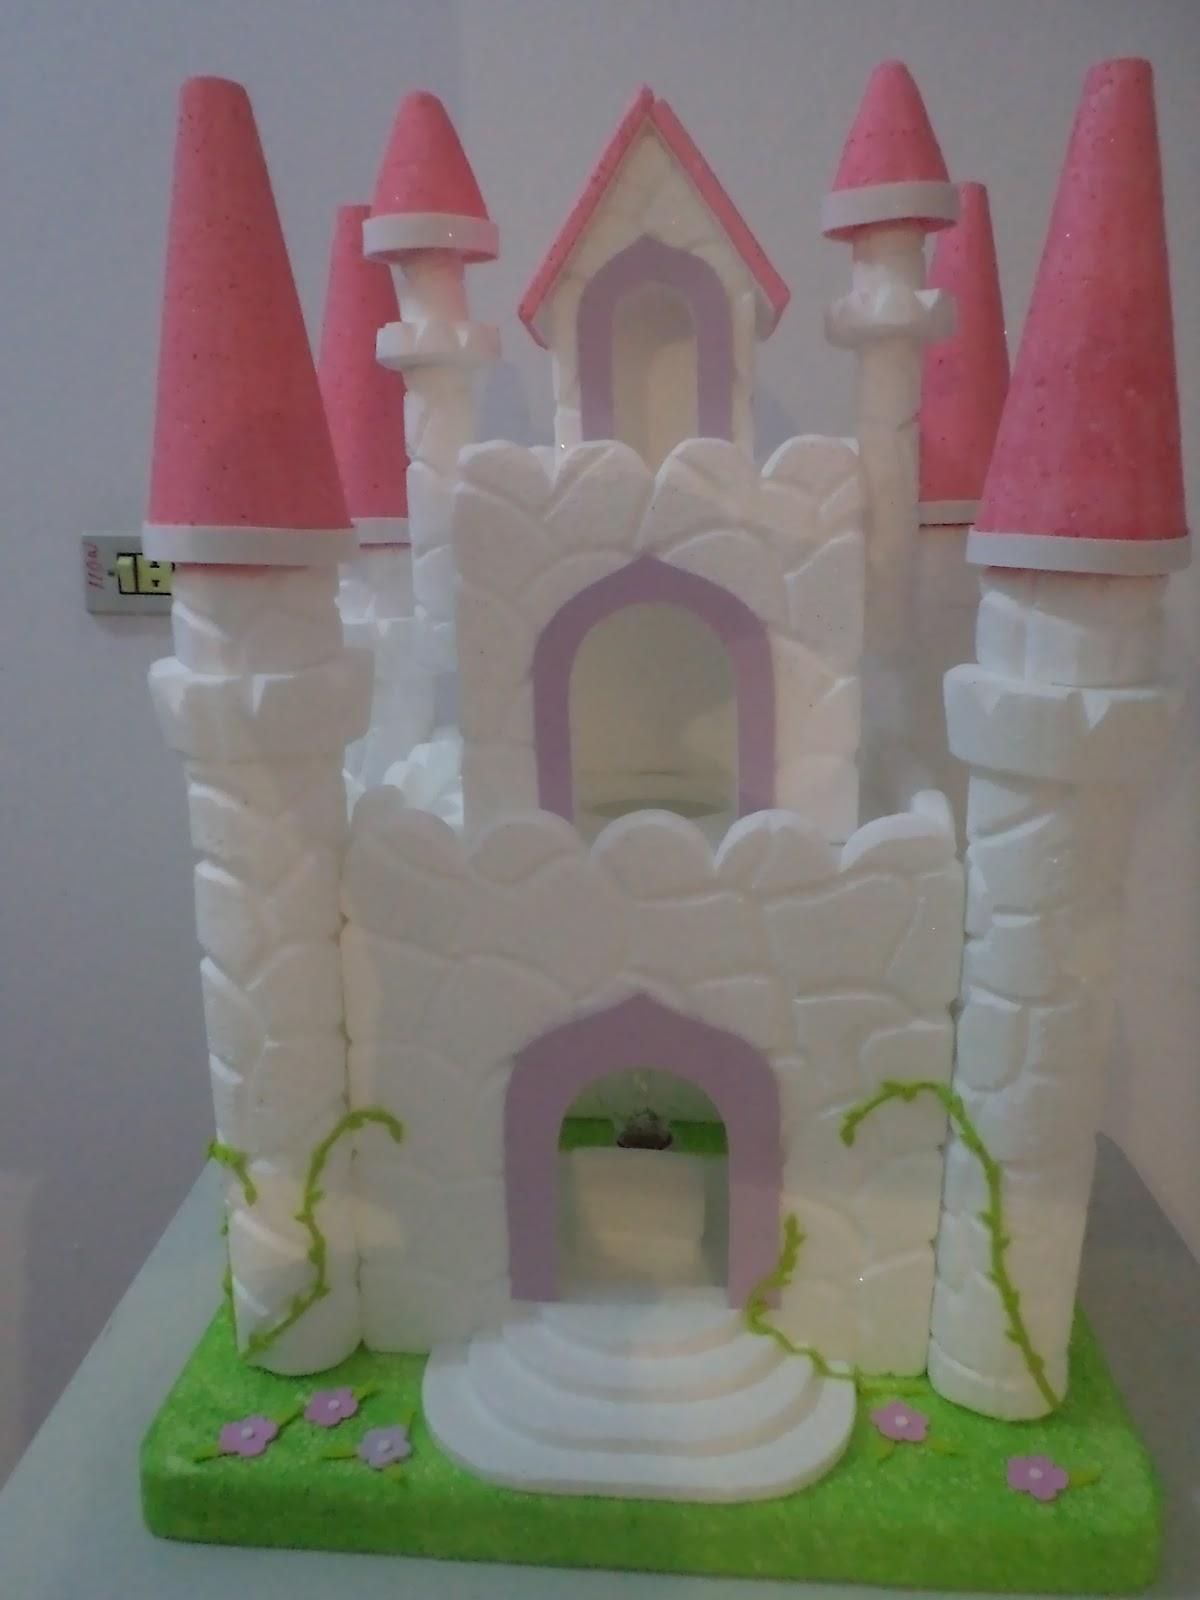 Sonho m gico festas castelo de isopor tema barbie for Mural de isopor e eva